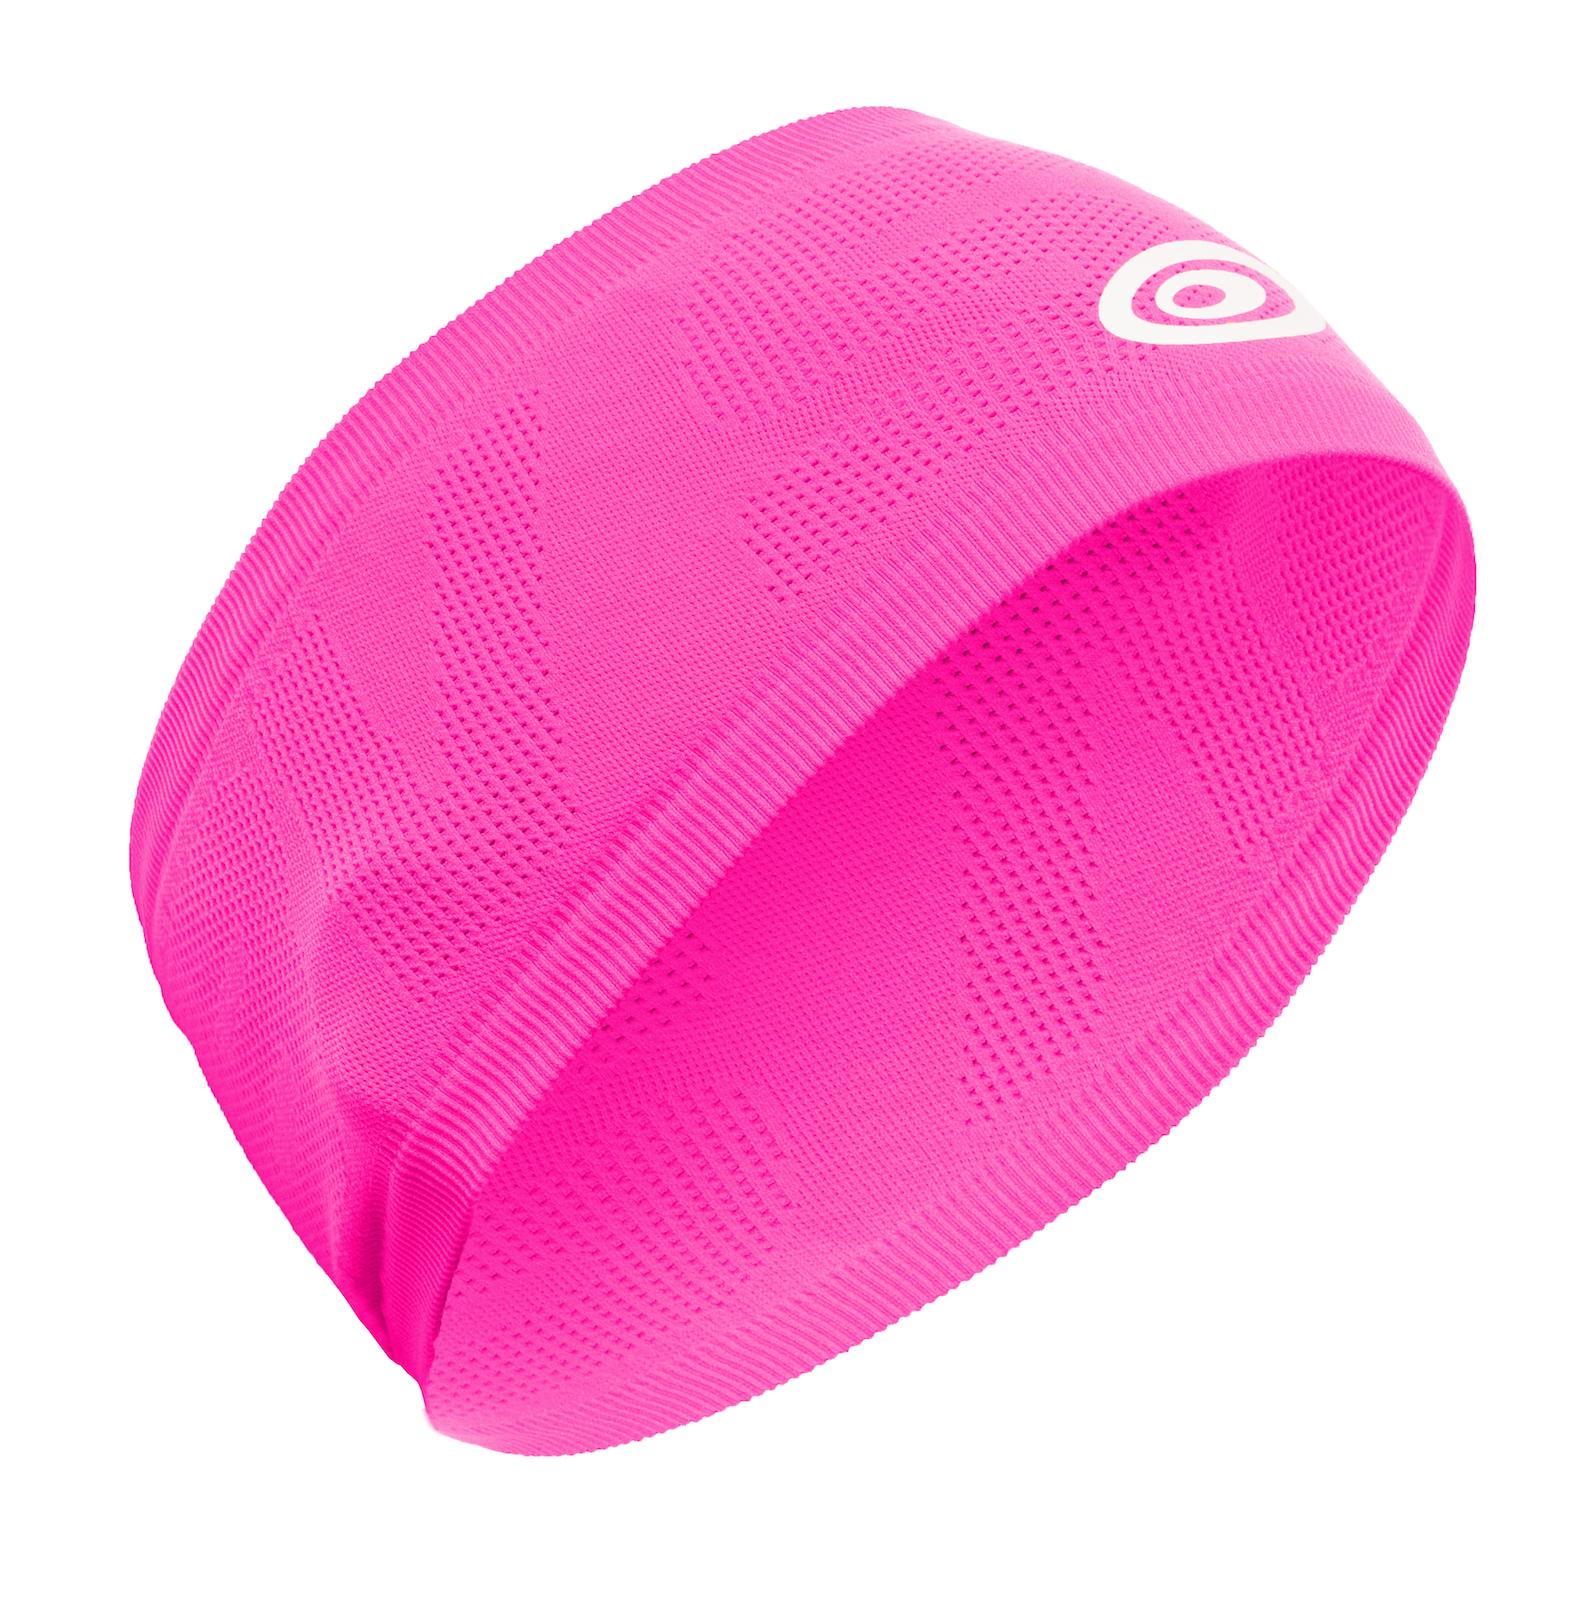 BV Sport - Headband BV Sport - Headband